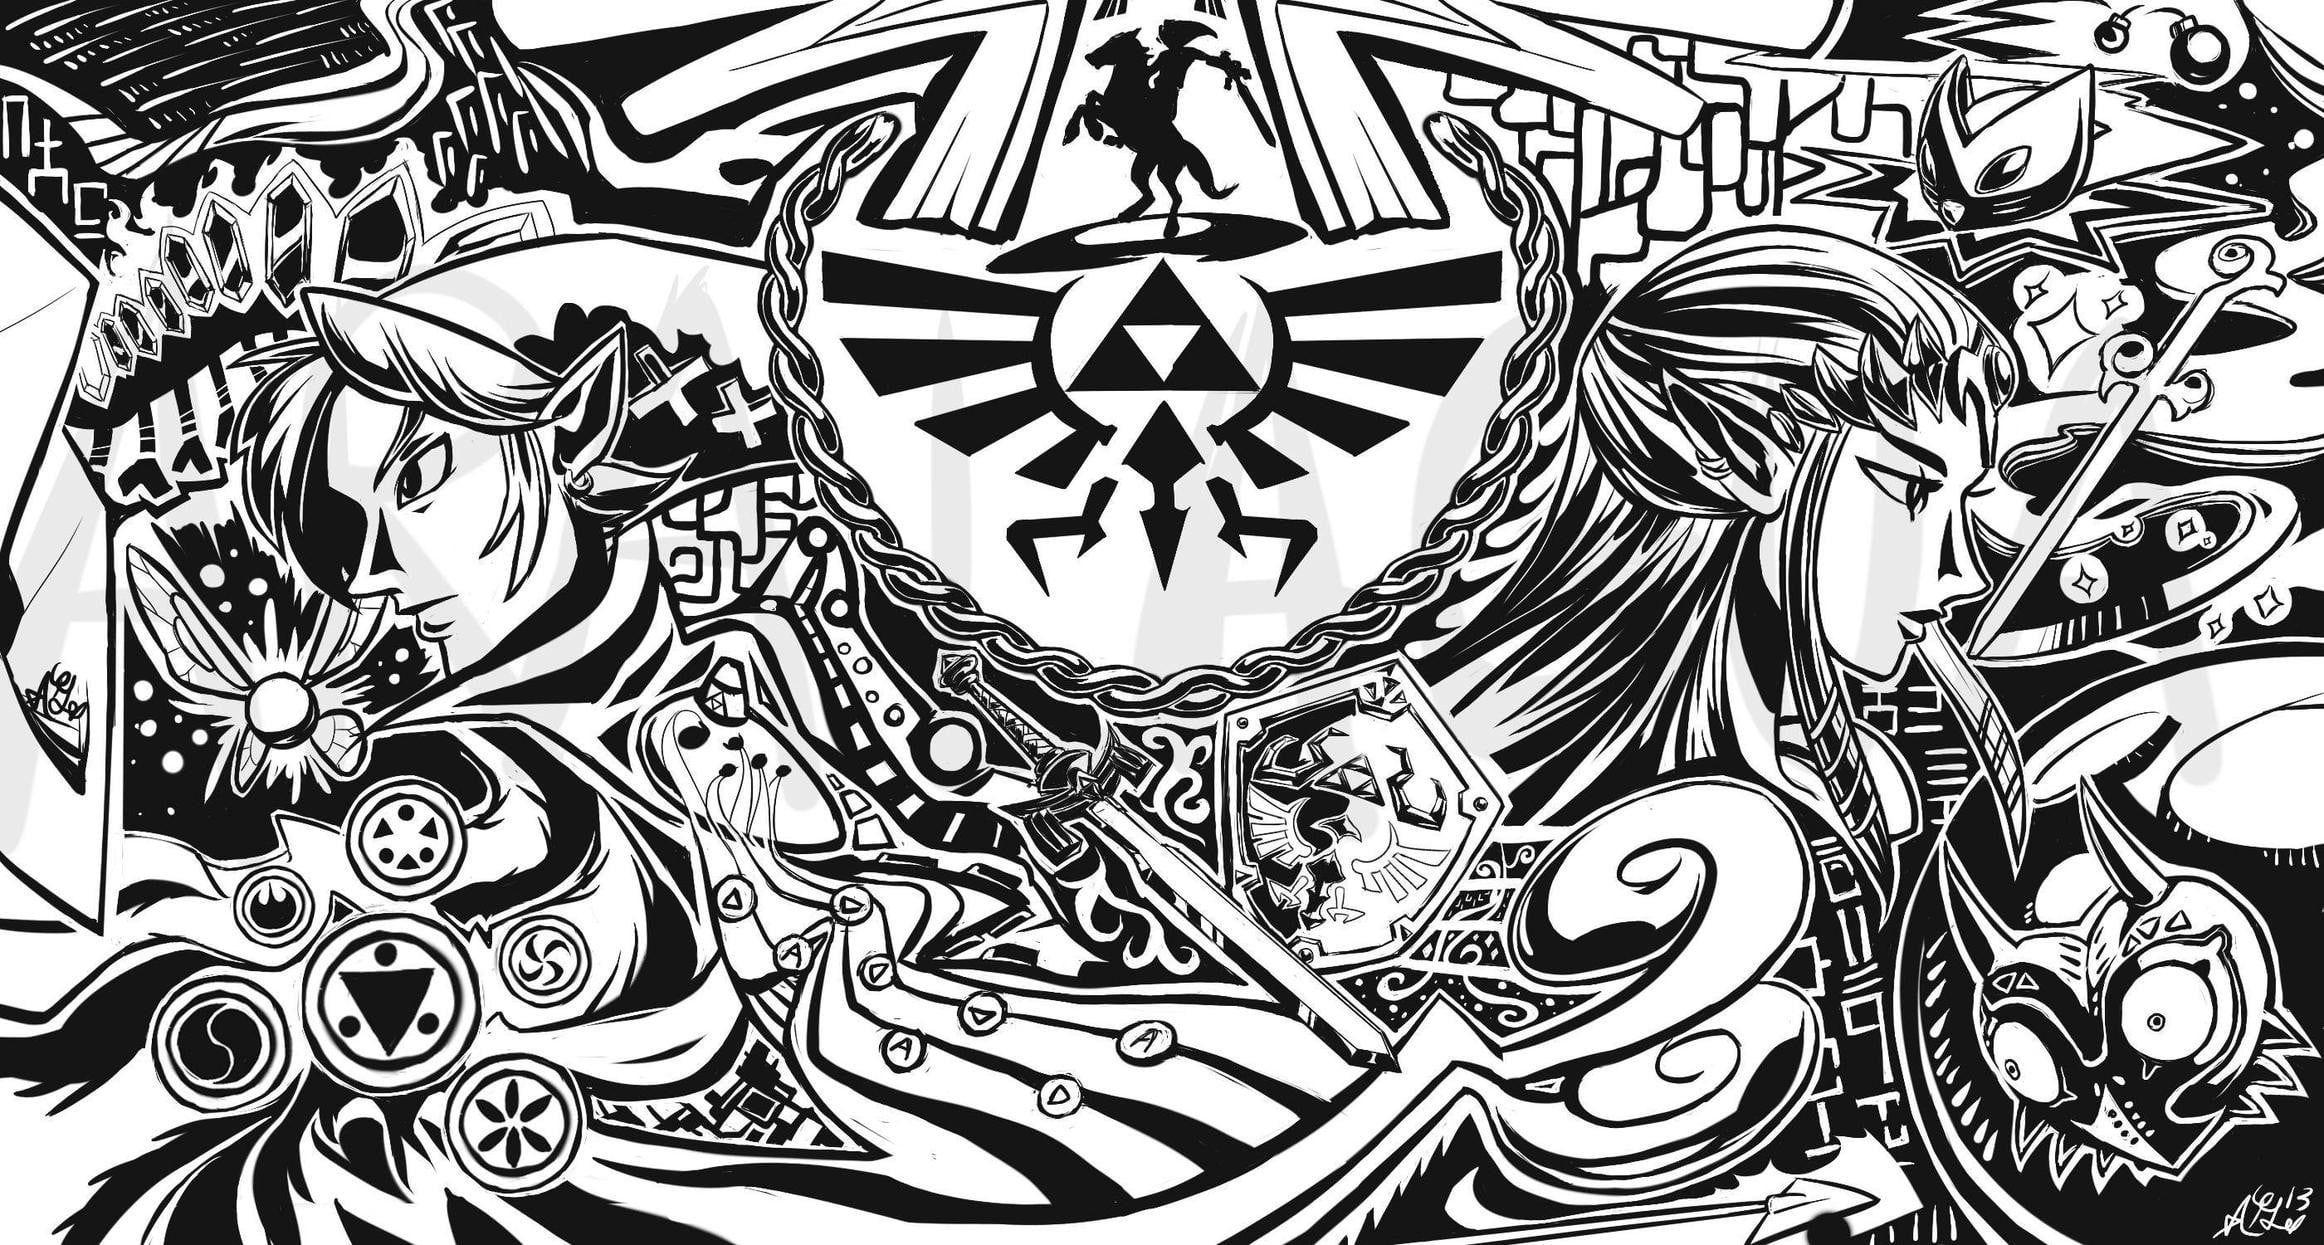 White And Black Abstract Illustration The Legend Of Zelda Link Zelda 1080p Wallpaper Hdwallpaper Desktop Legend Of Zelda Design Pattern Art Wind Waker